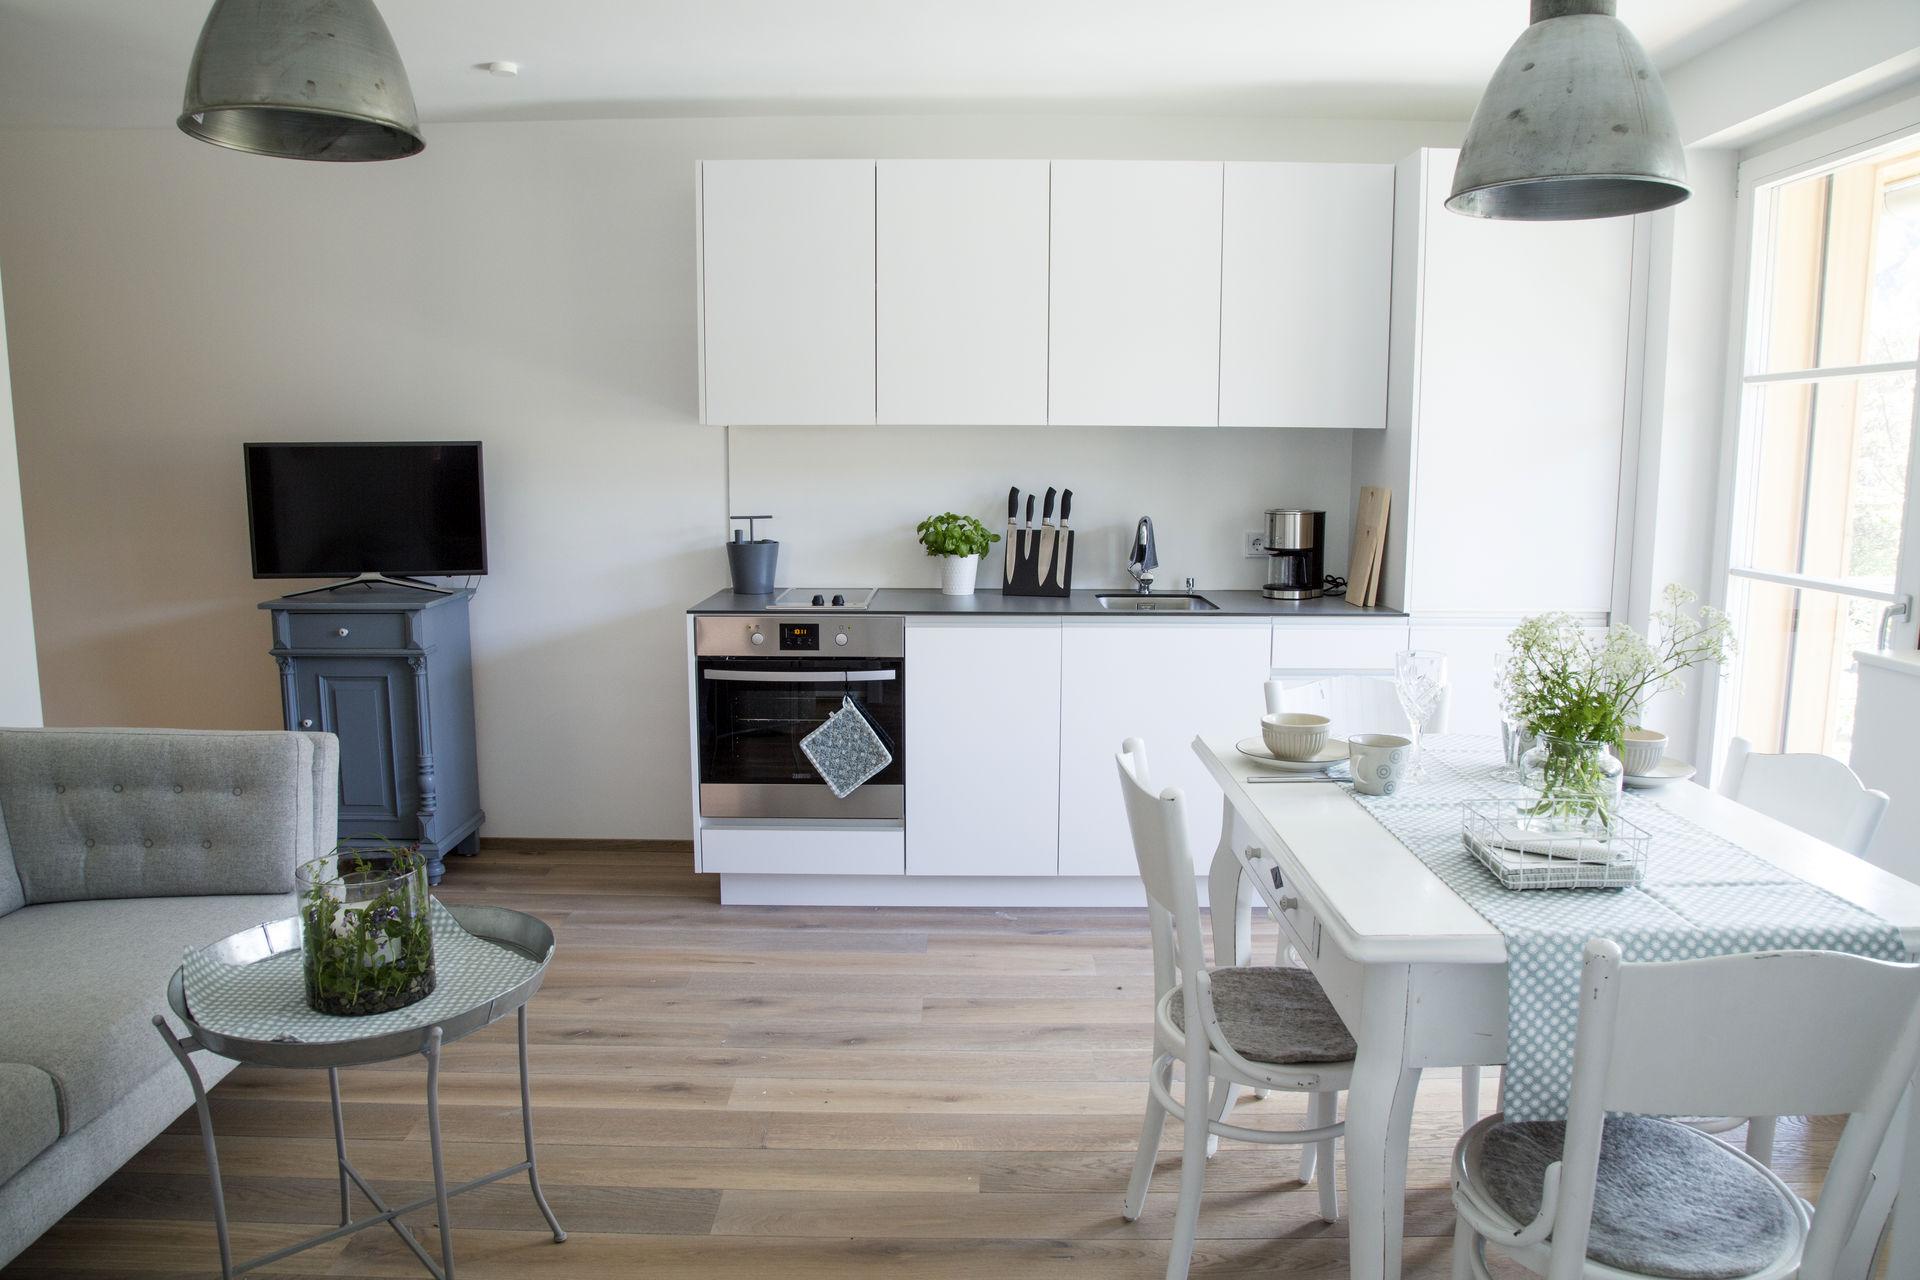 Ziemlich Küche Spur Beleuchtungskits Fotos - Küchenschrank Ideen ...